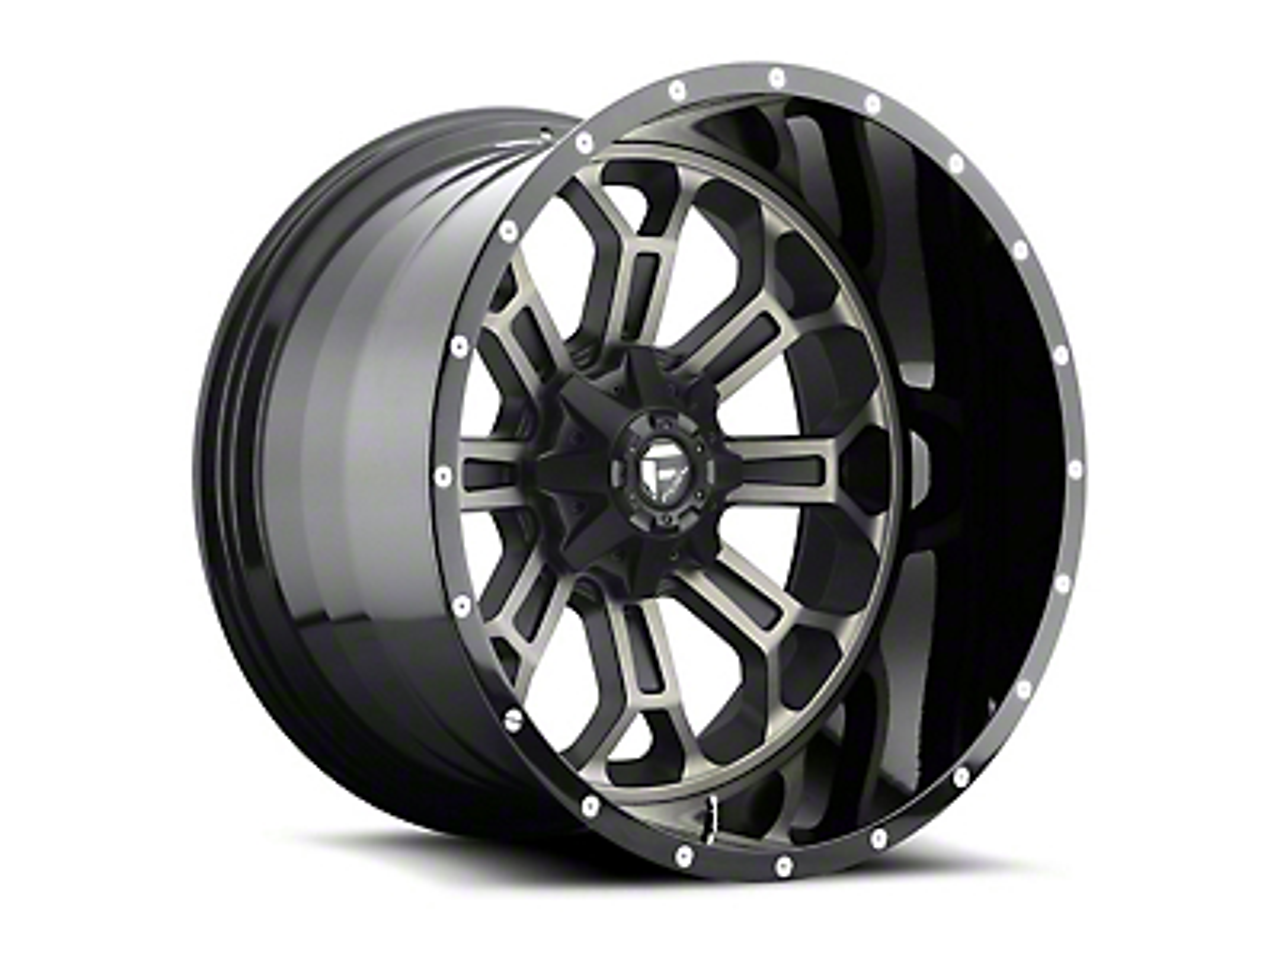 Fuel Wheels Crush Matte Black Machined 6-Lug Wheel - 22x10 (99-18 Silverado 1500)